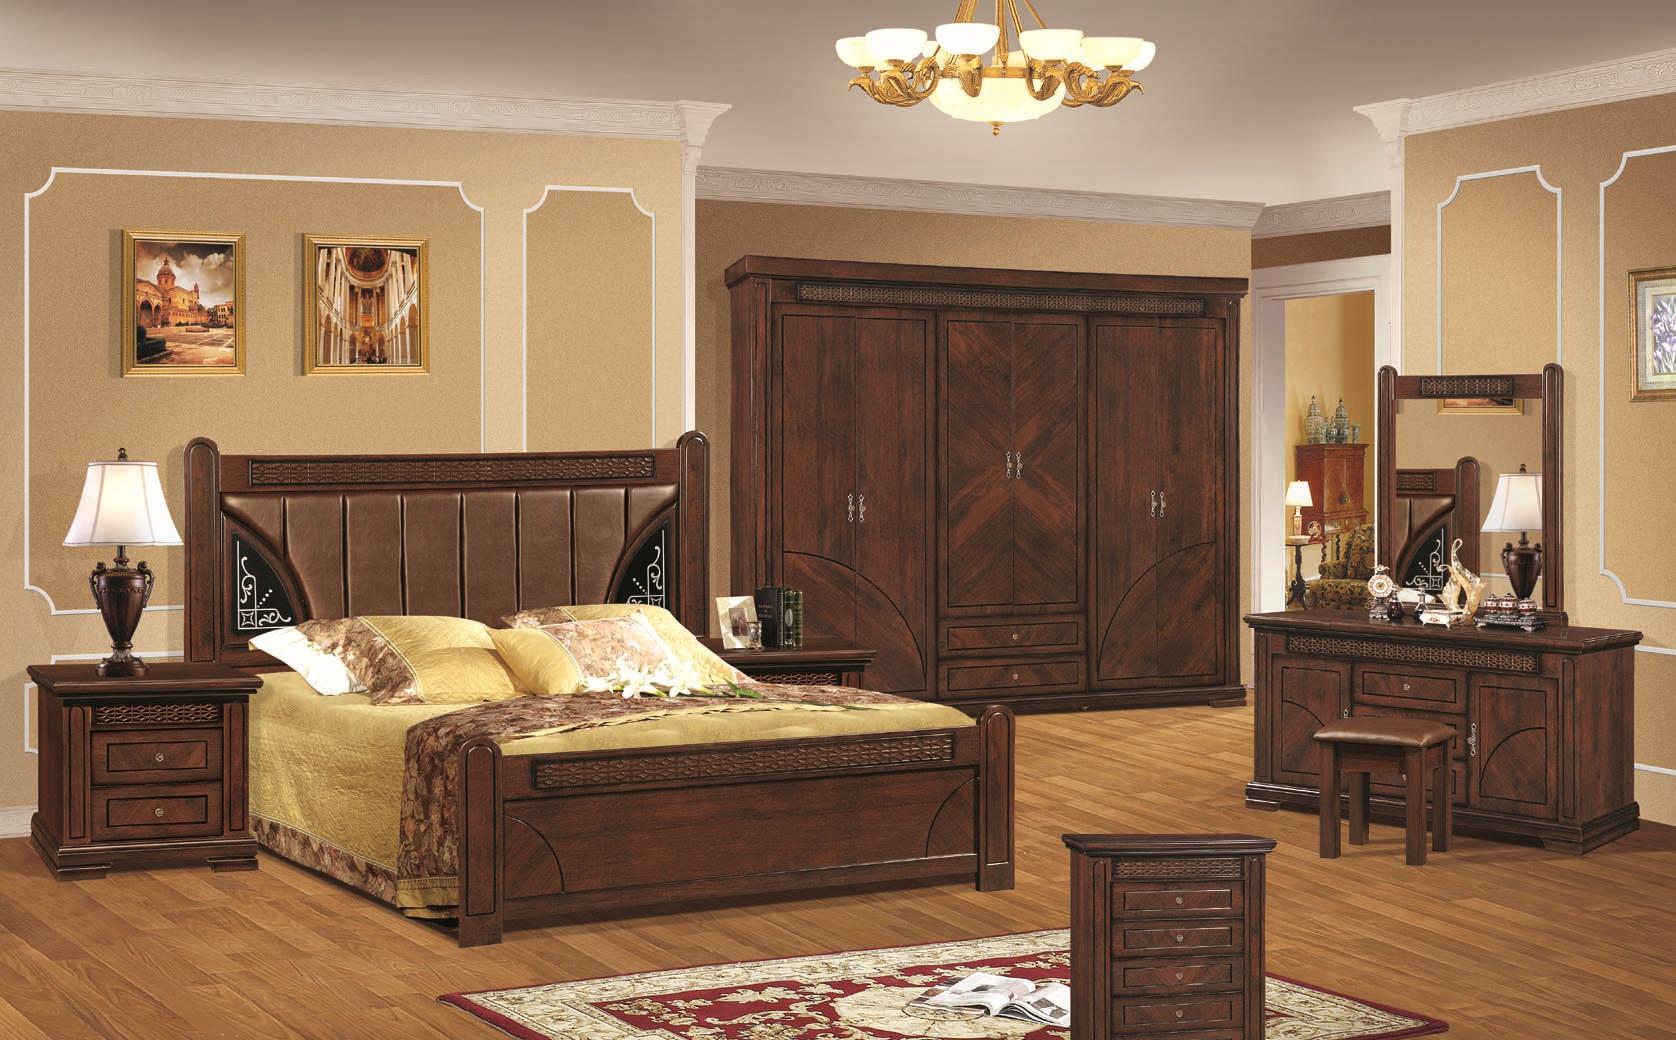 غرفة نوم خشبية عروض السريع | المرسال